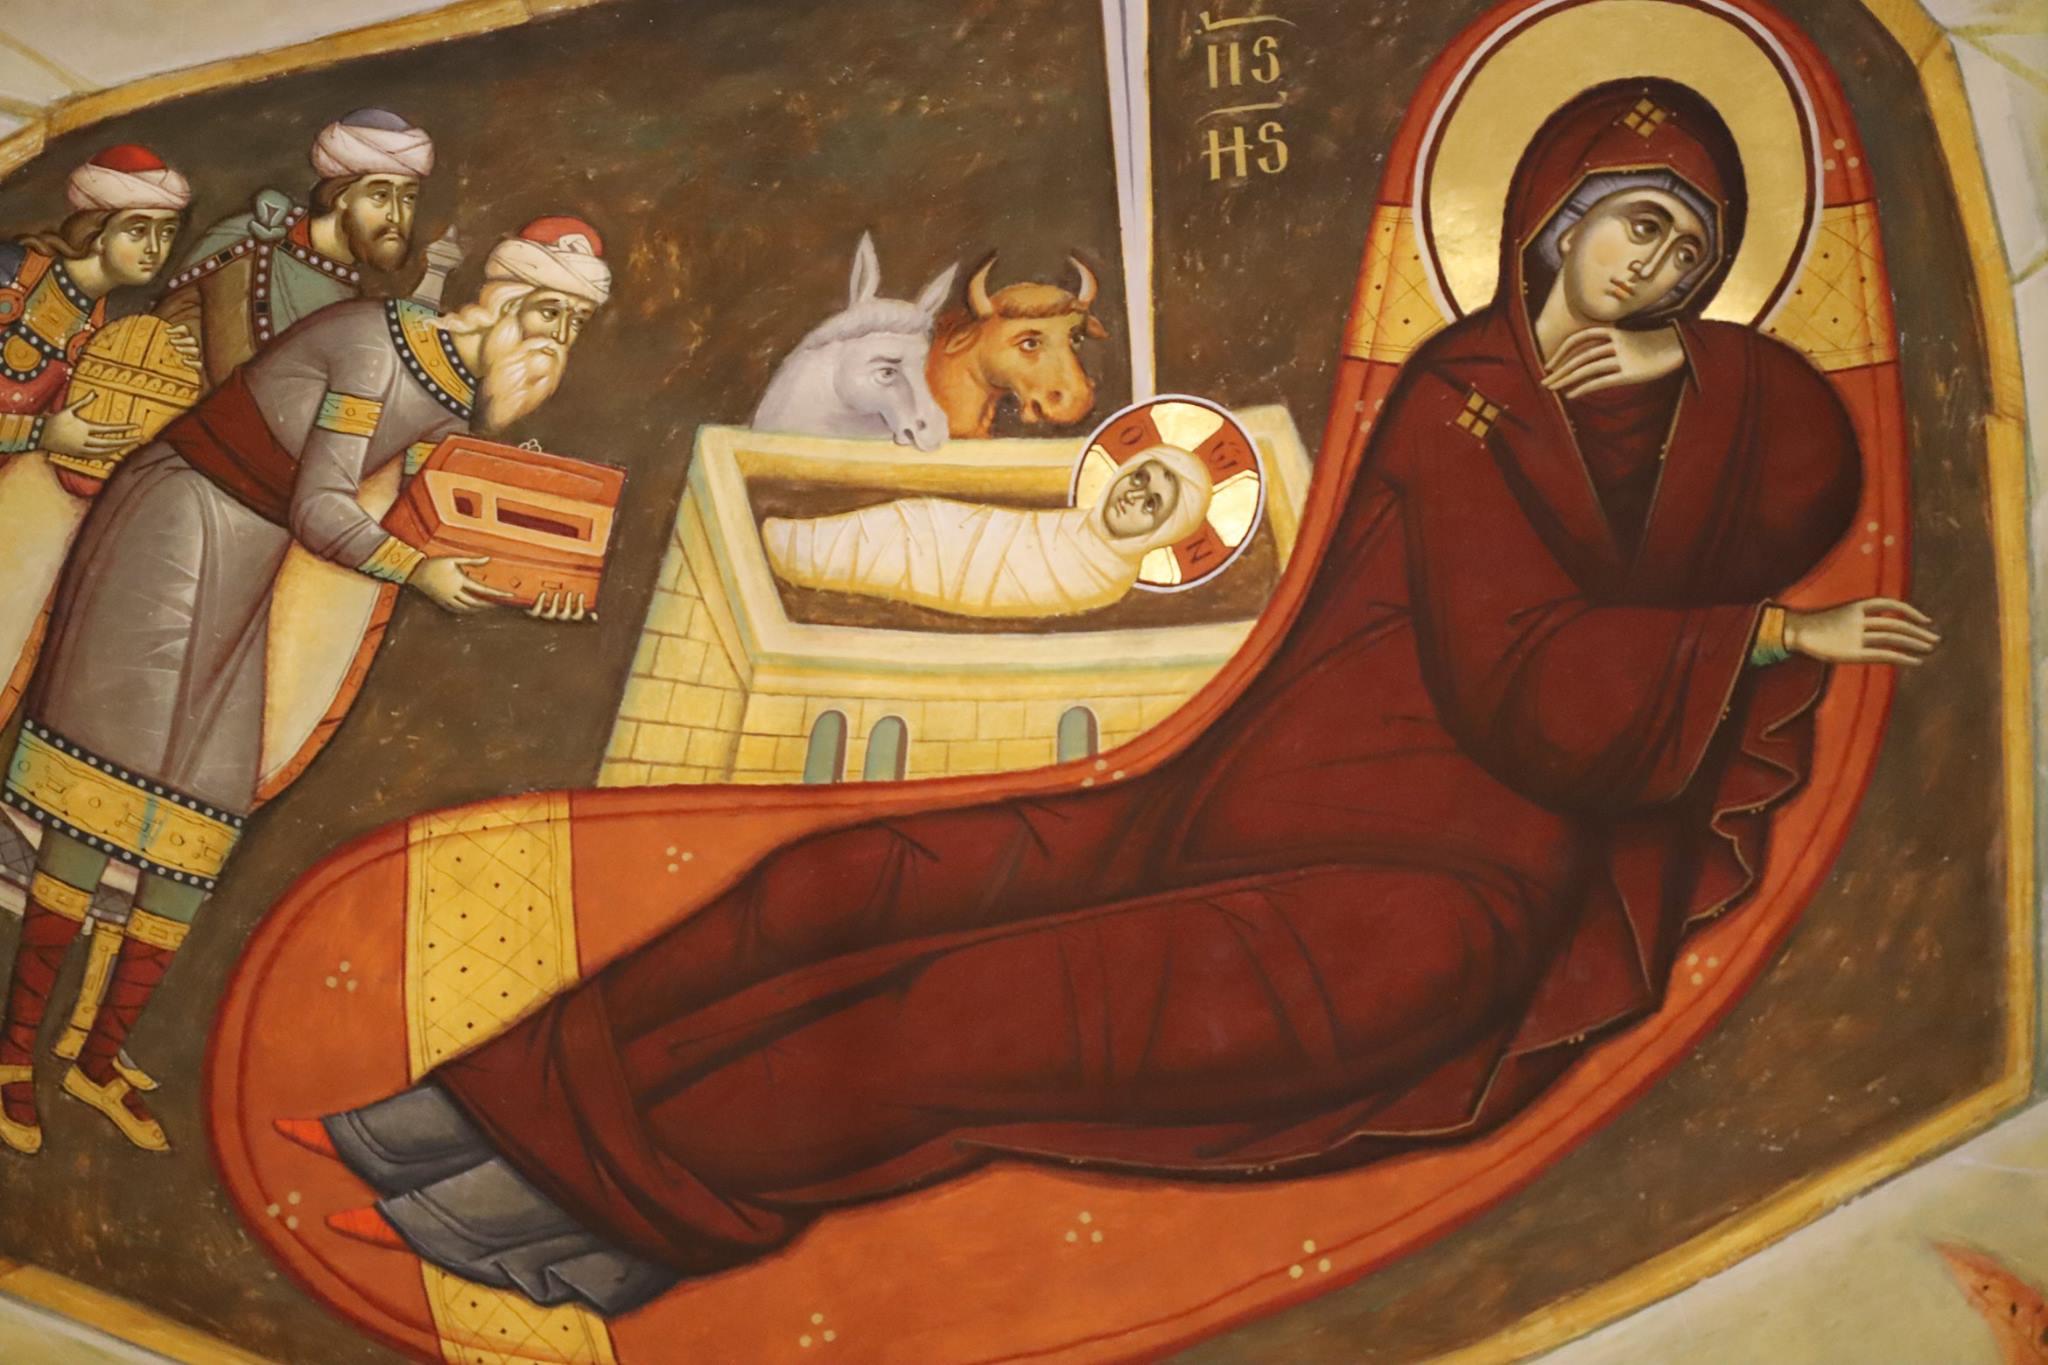 PRIVIREA INTOARSA A MAICII DOMNULUI din icoana ortodoxa a Nasterii sau JERTFA SI DUREREA ASCUNSE IN NASTEREA LUI HRISTOS